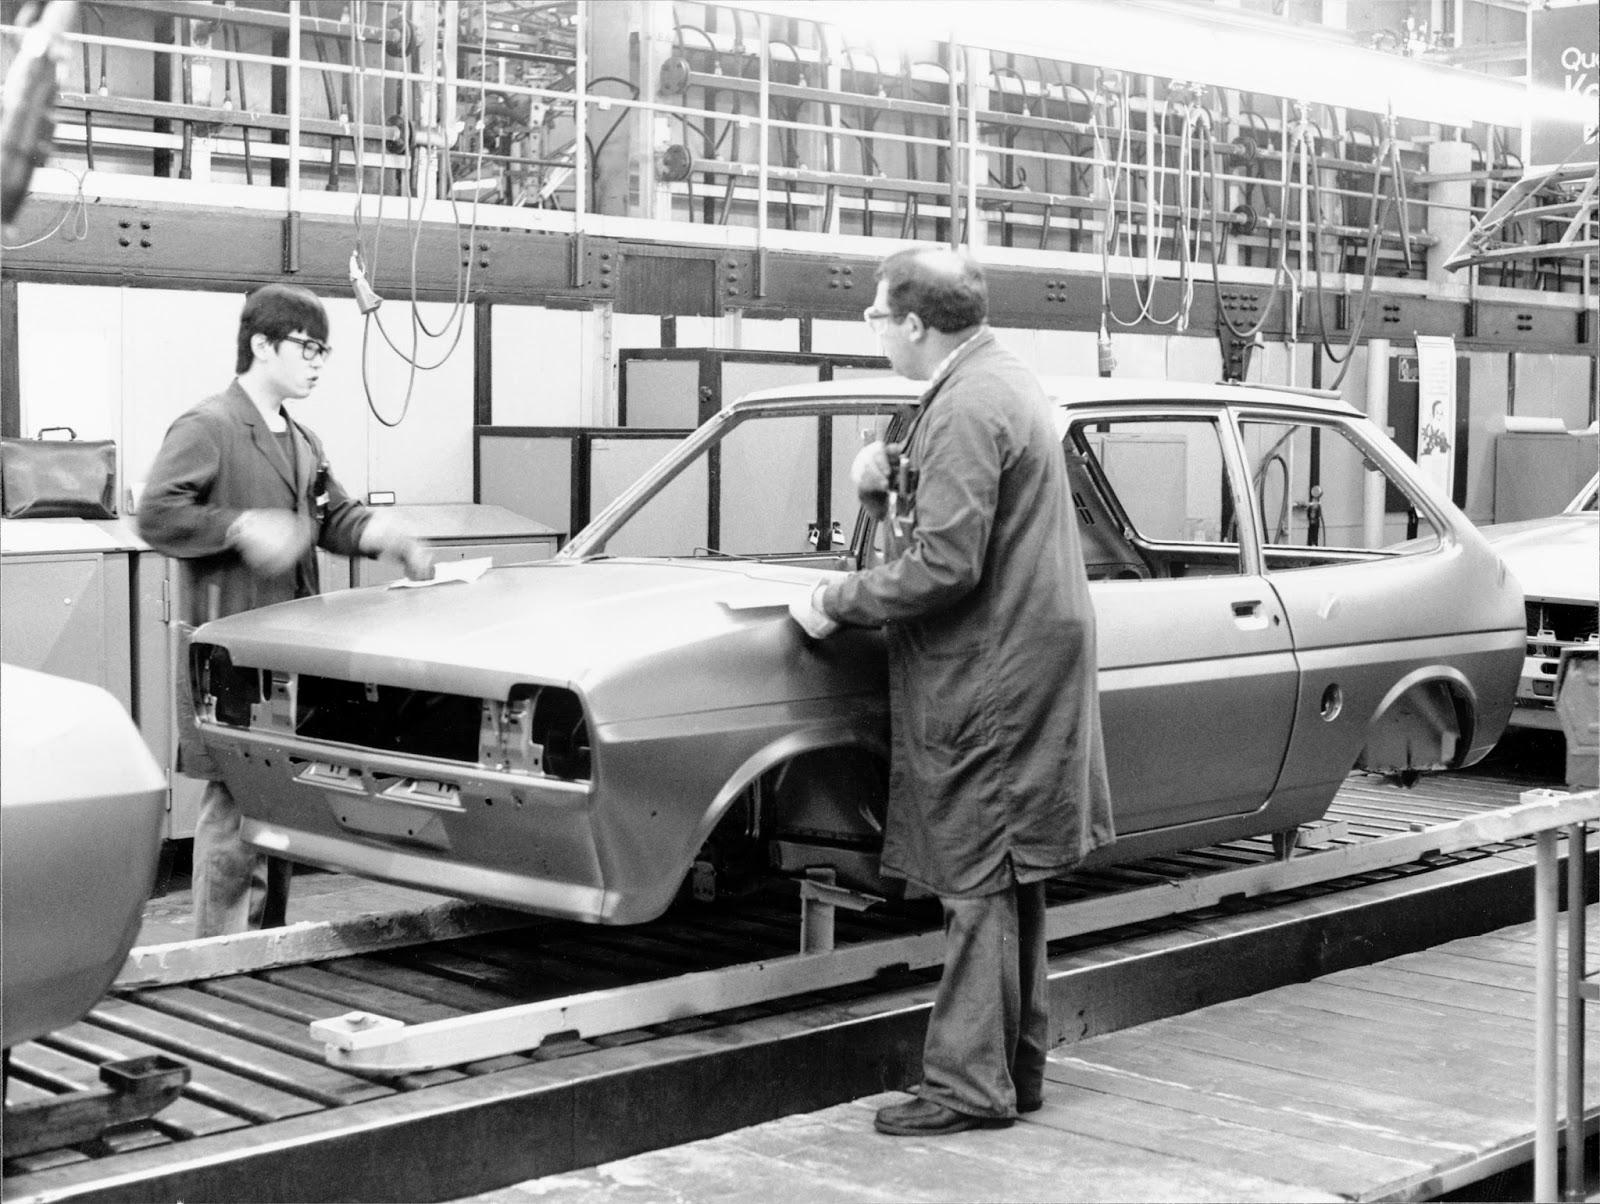 FordFiesta 1976 1983 Production 1976 01 Έκανες Πολύ Δρόμο Μωρό μου! - Το Ford Fiesta Γίνεται 40 Ετών Ford, Ford Fiesta, Fun, videos, zblog